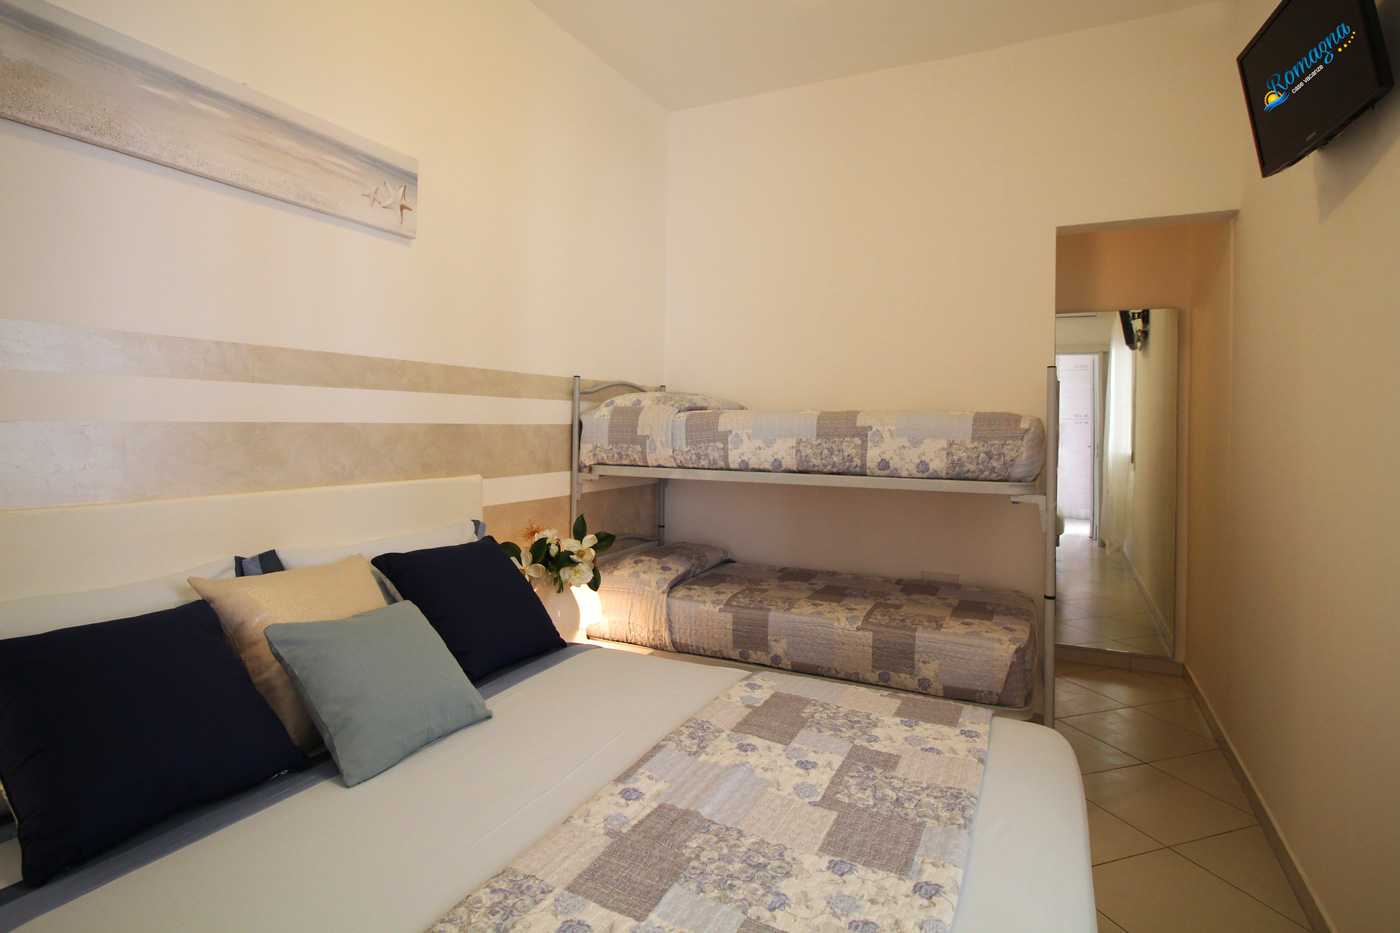 Appartamento la casina di gatteo_romagna case vacanze_IMG_8219_2